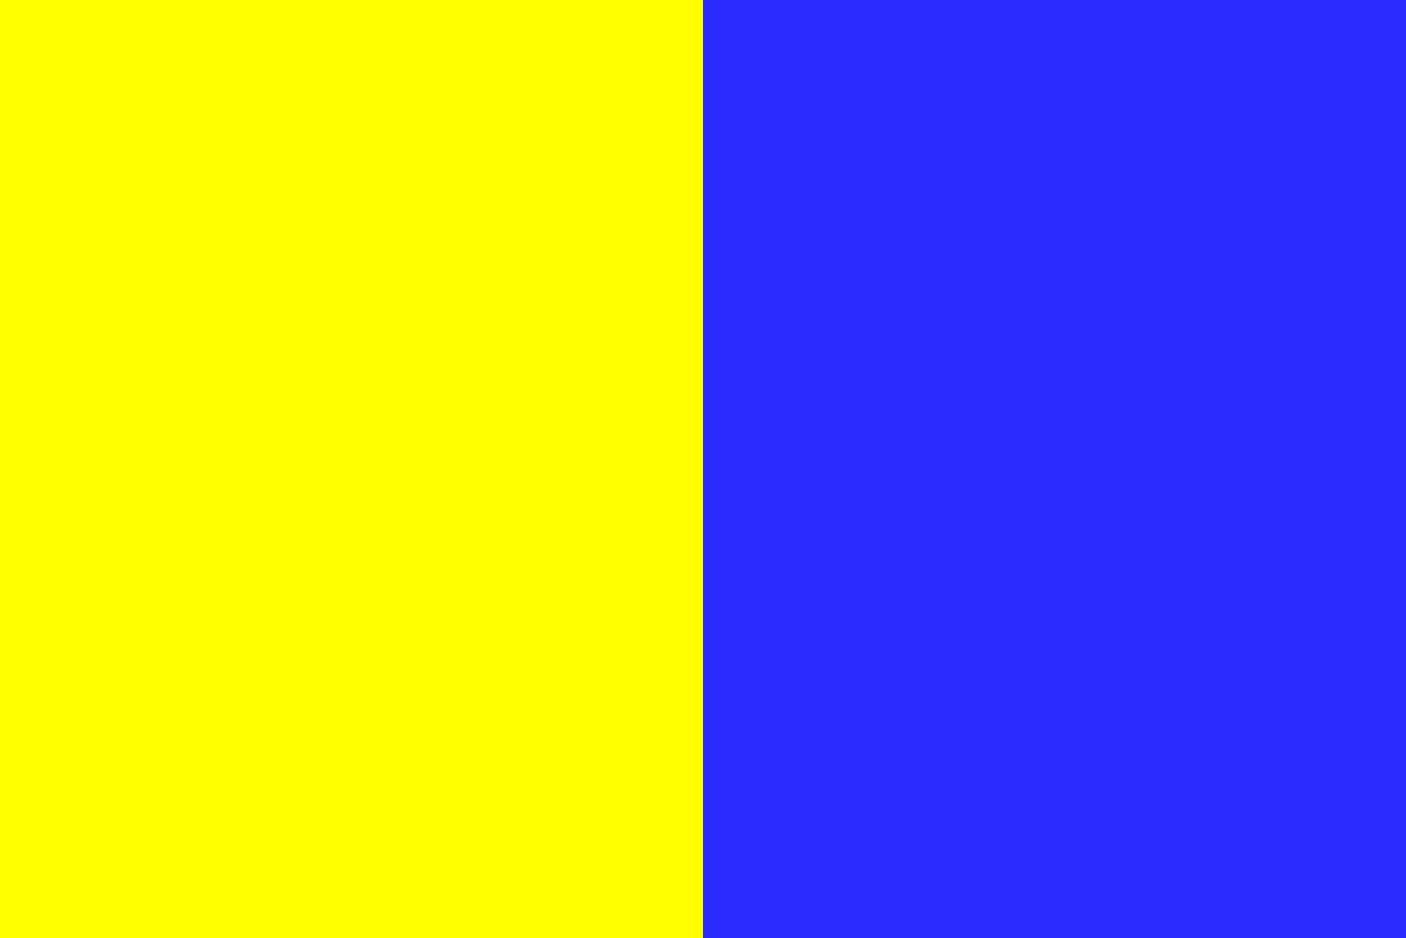 Flag_of_Modena